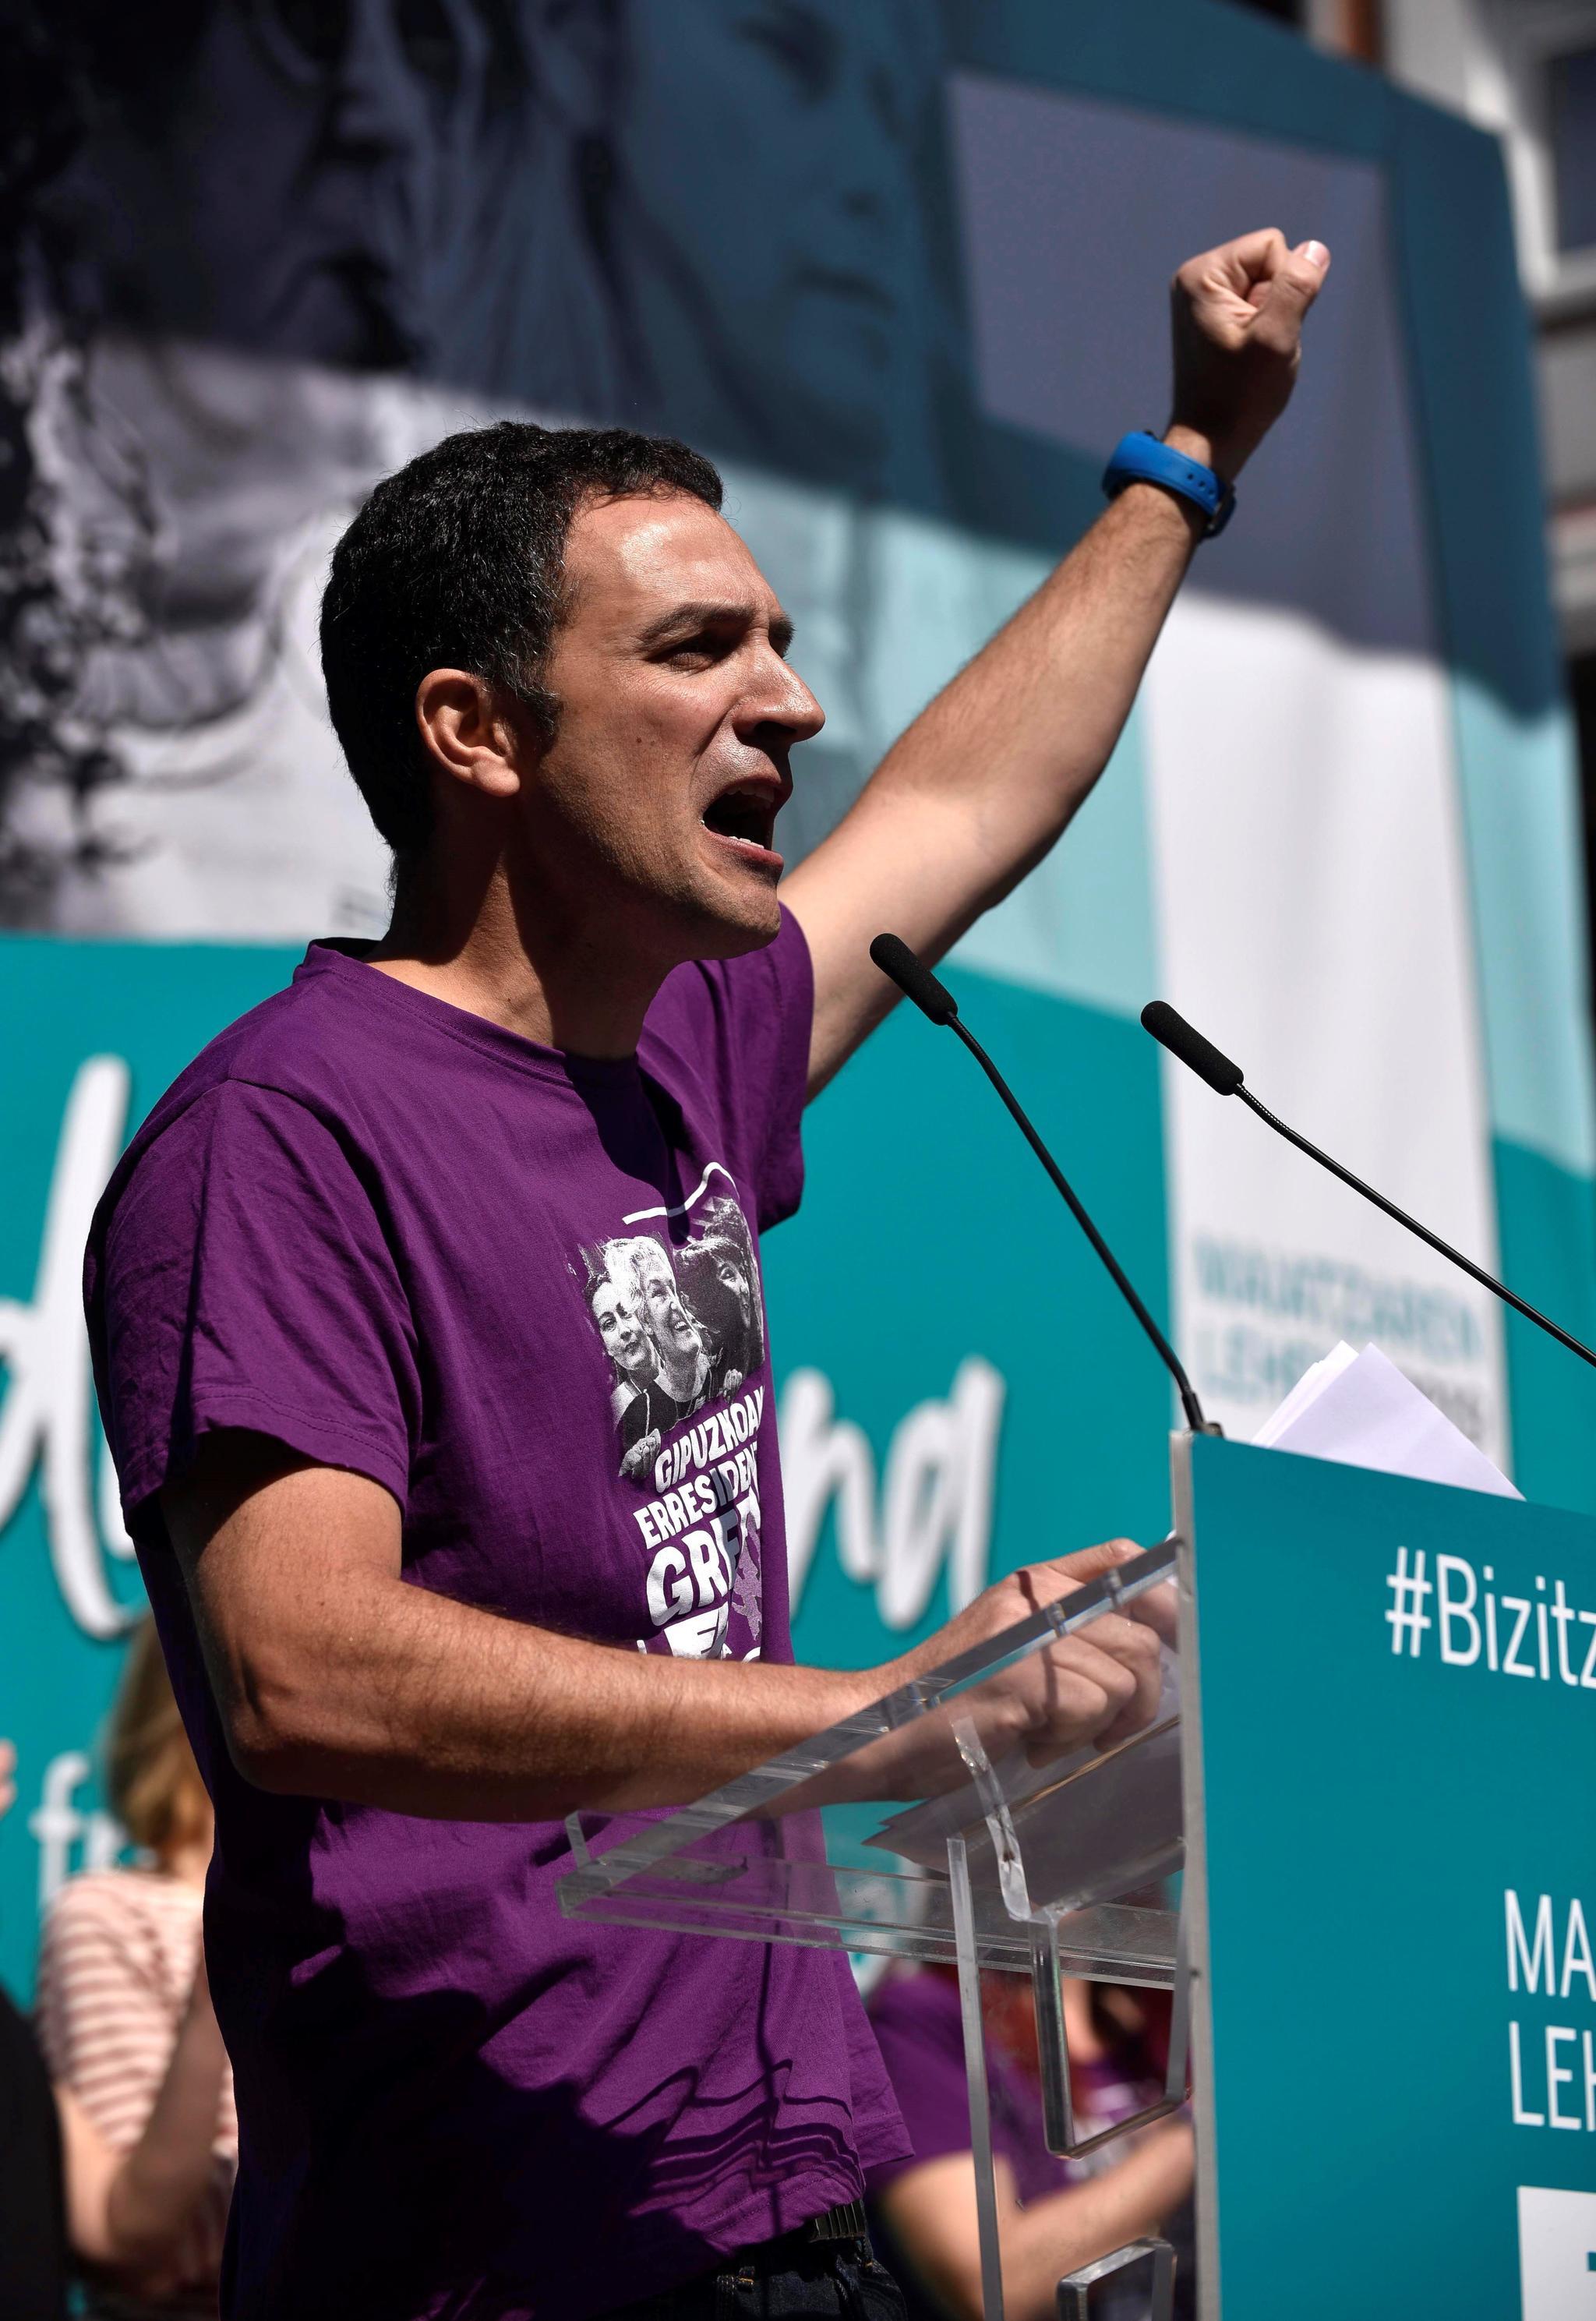 EL nuevo secretario general de ELA Mitxel Lakuntza durante su intervención en Bilbao.